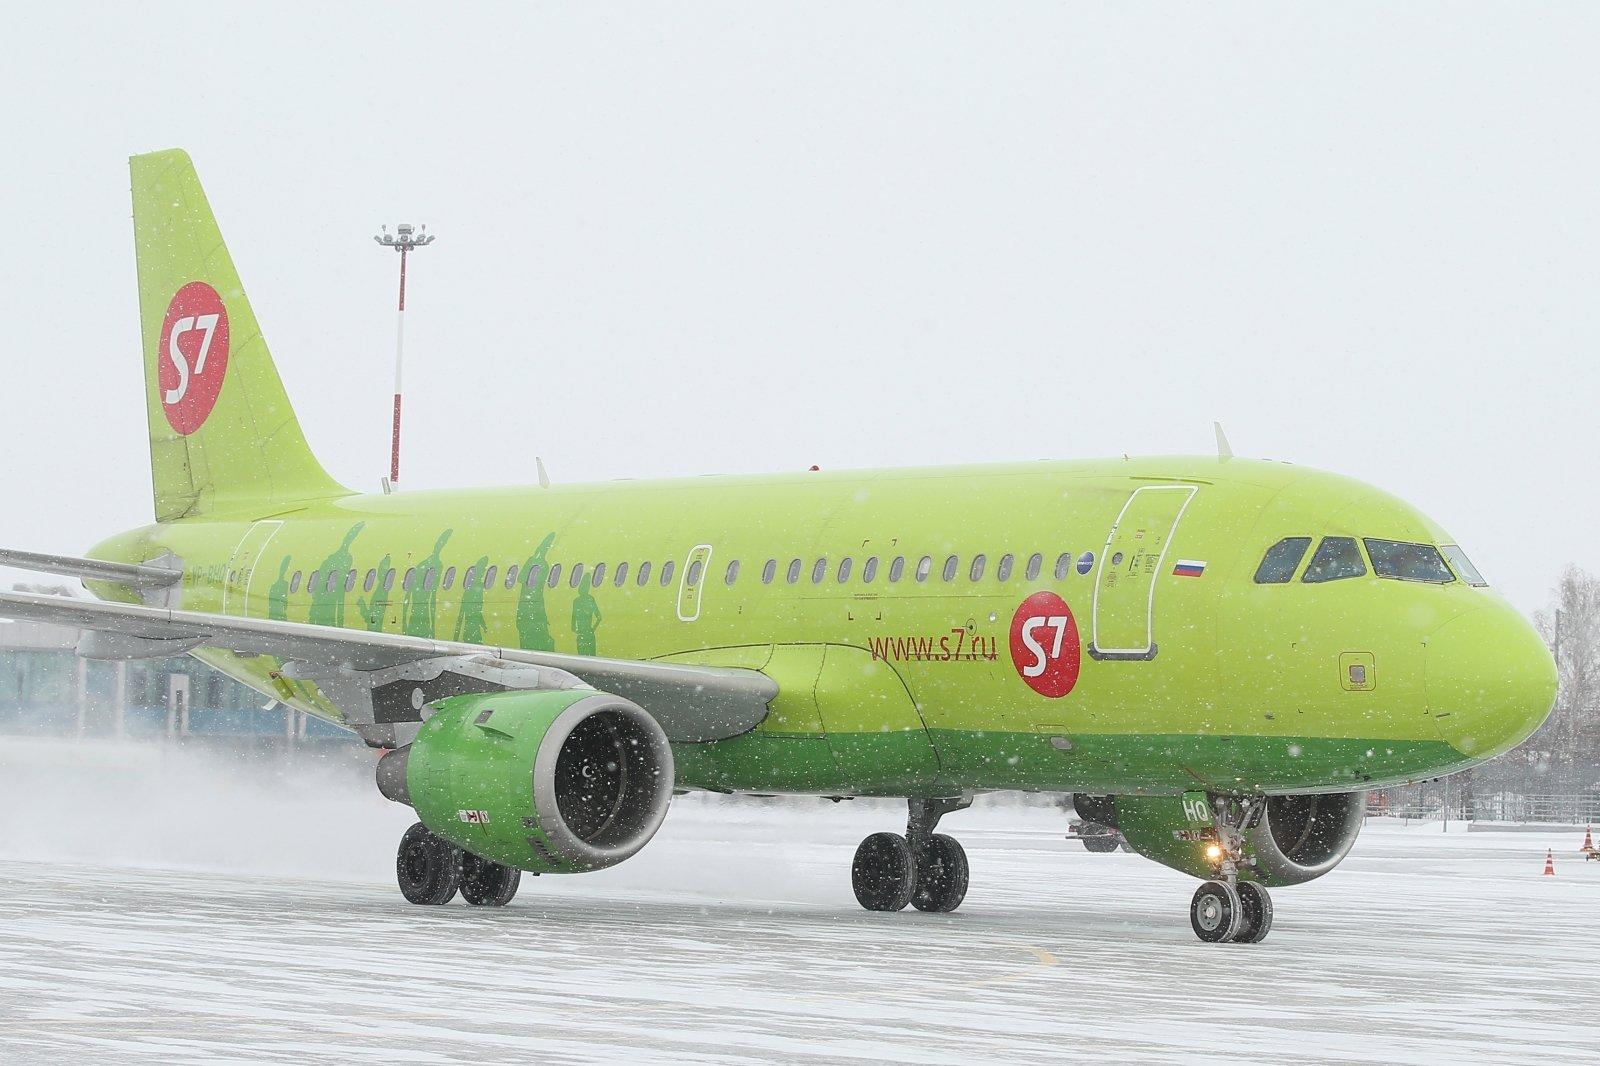 ЧП в аэропорту Домодедово: пассажирка угрожала взорвать себя после посадки авиалайнера